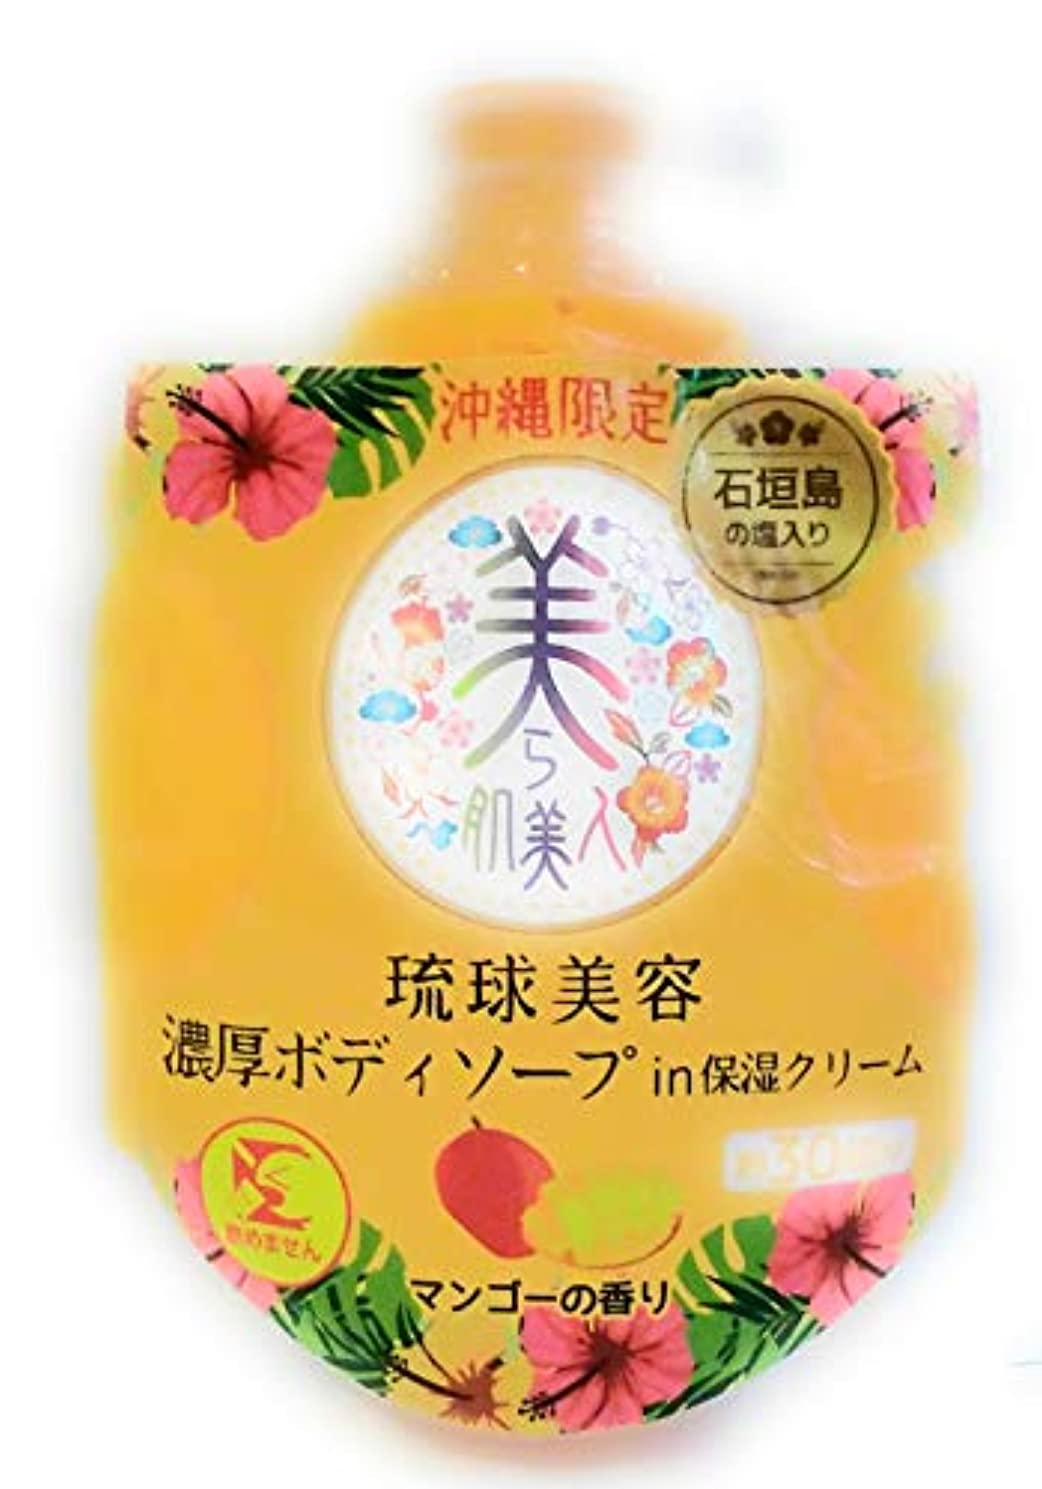 バーゲンヨーグルト寺院沖縄限定 美ら肌美人 琉球美容濃厚ボディソープin保湿クリーム マンゴーの香り